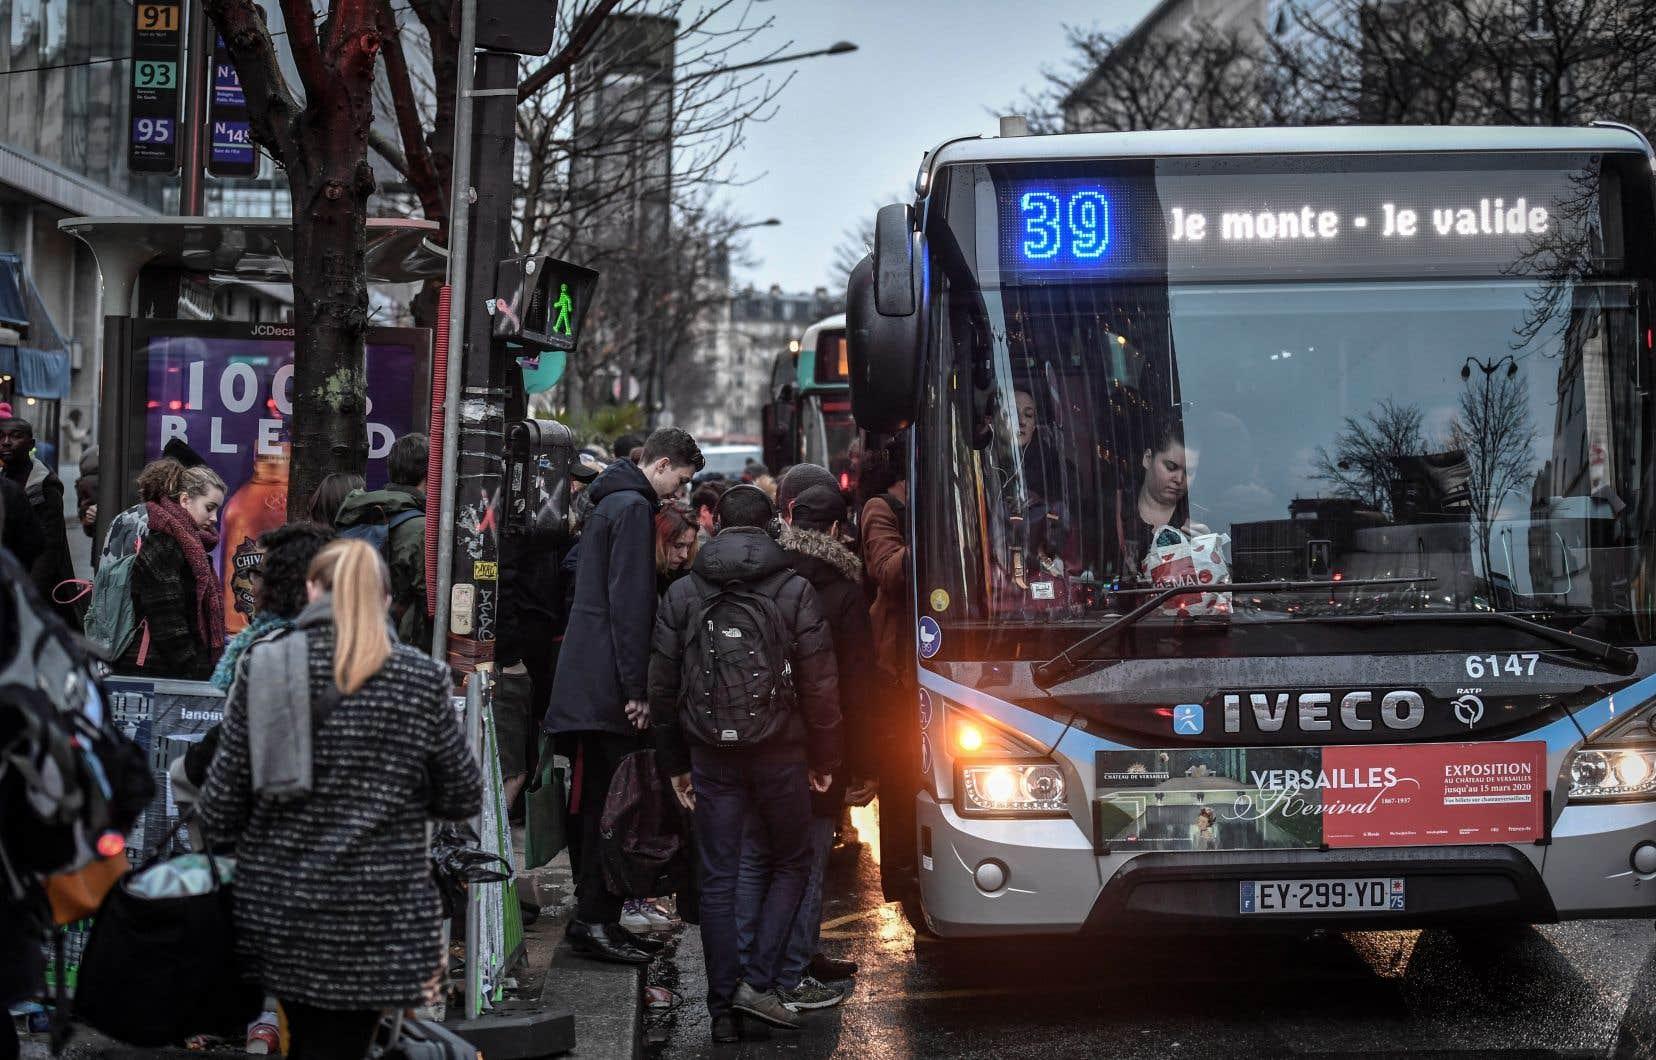 La grève, qui a débuté le 5 décembre, perturbe principalement la circulation des trains à travers la France et les transports publics en région parisienne.